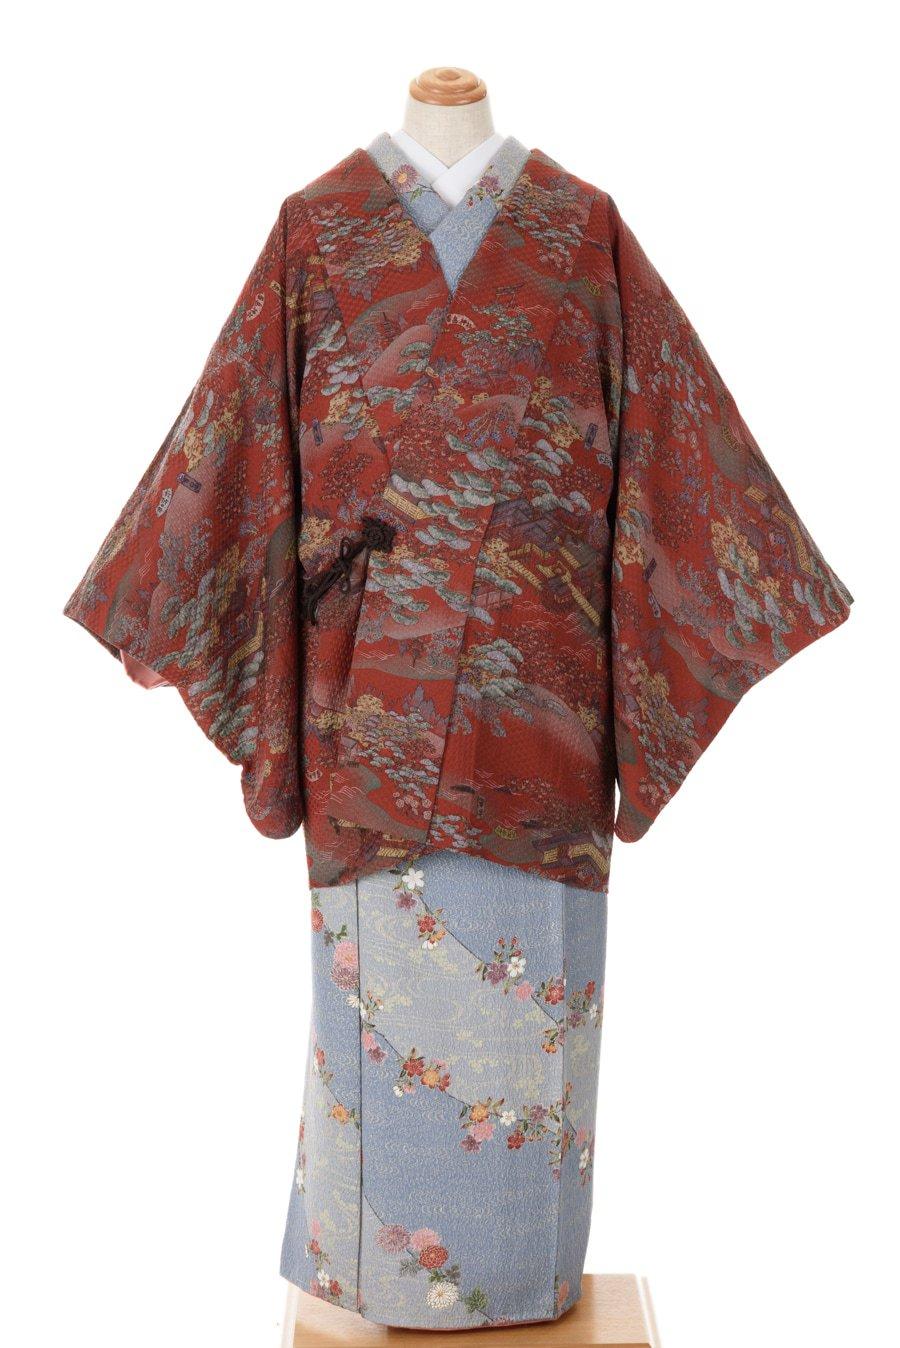 「道中着 広島名所図」の商品画像